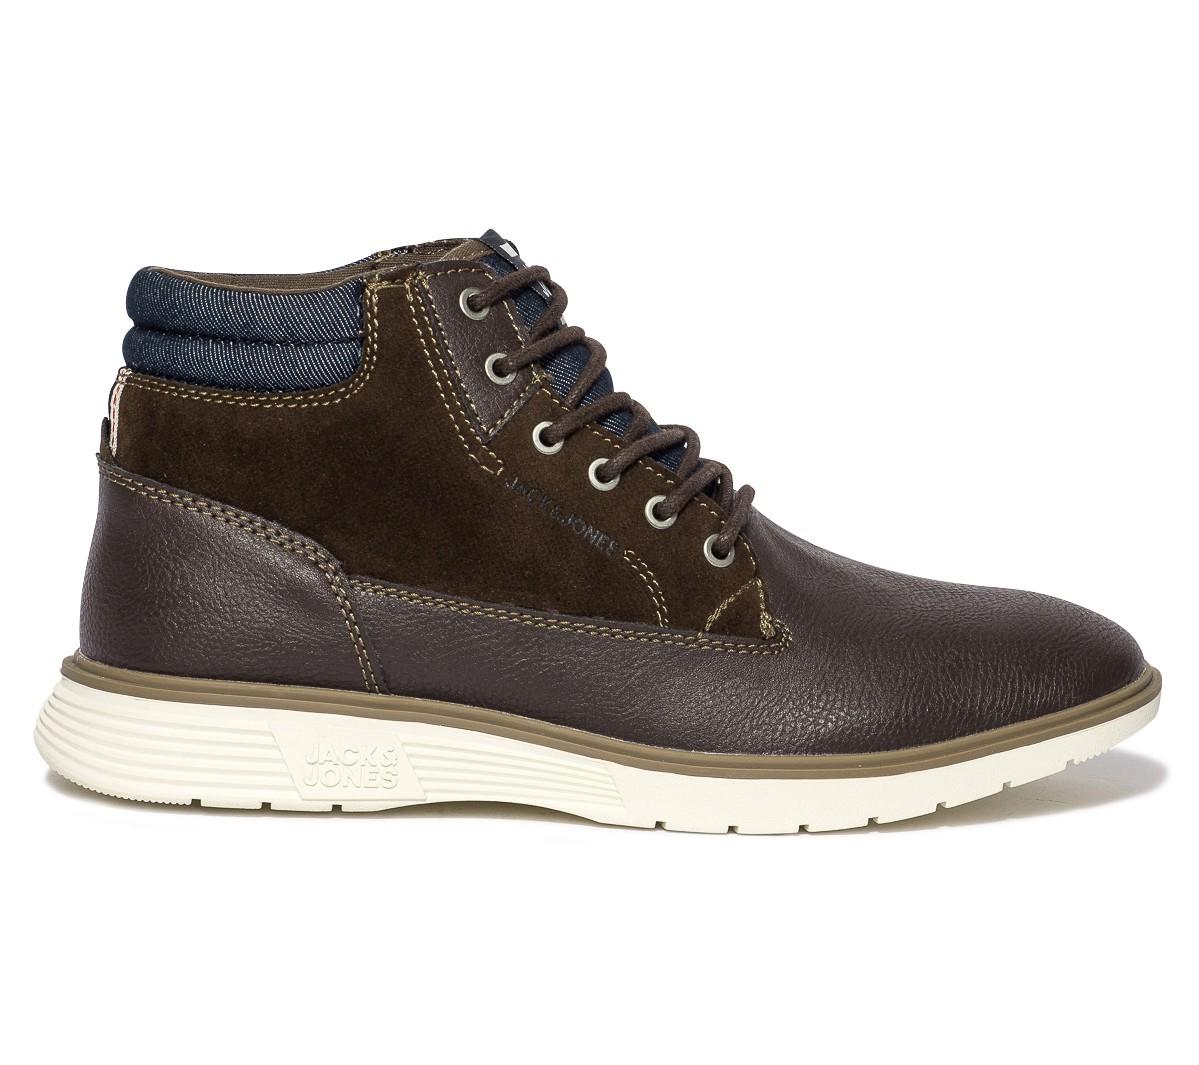 Paire de chaussures boots Jack and Jones Duston - Tailles 40 à 45